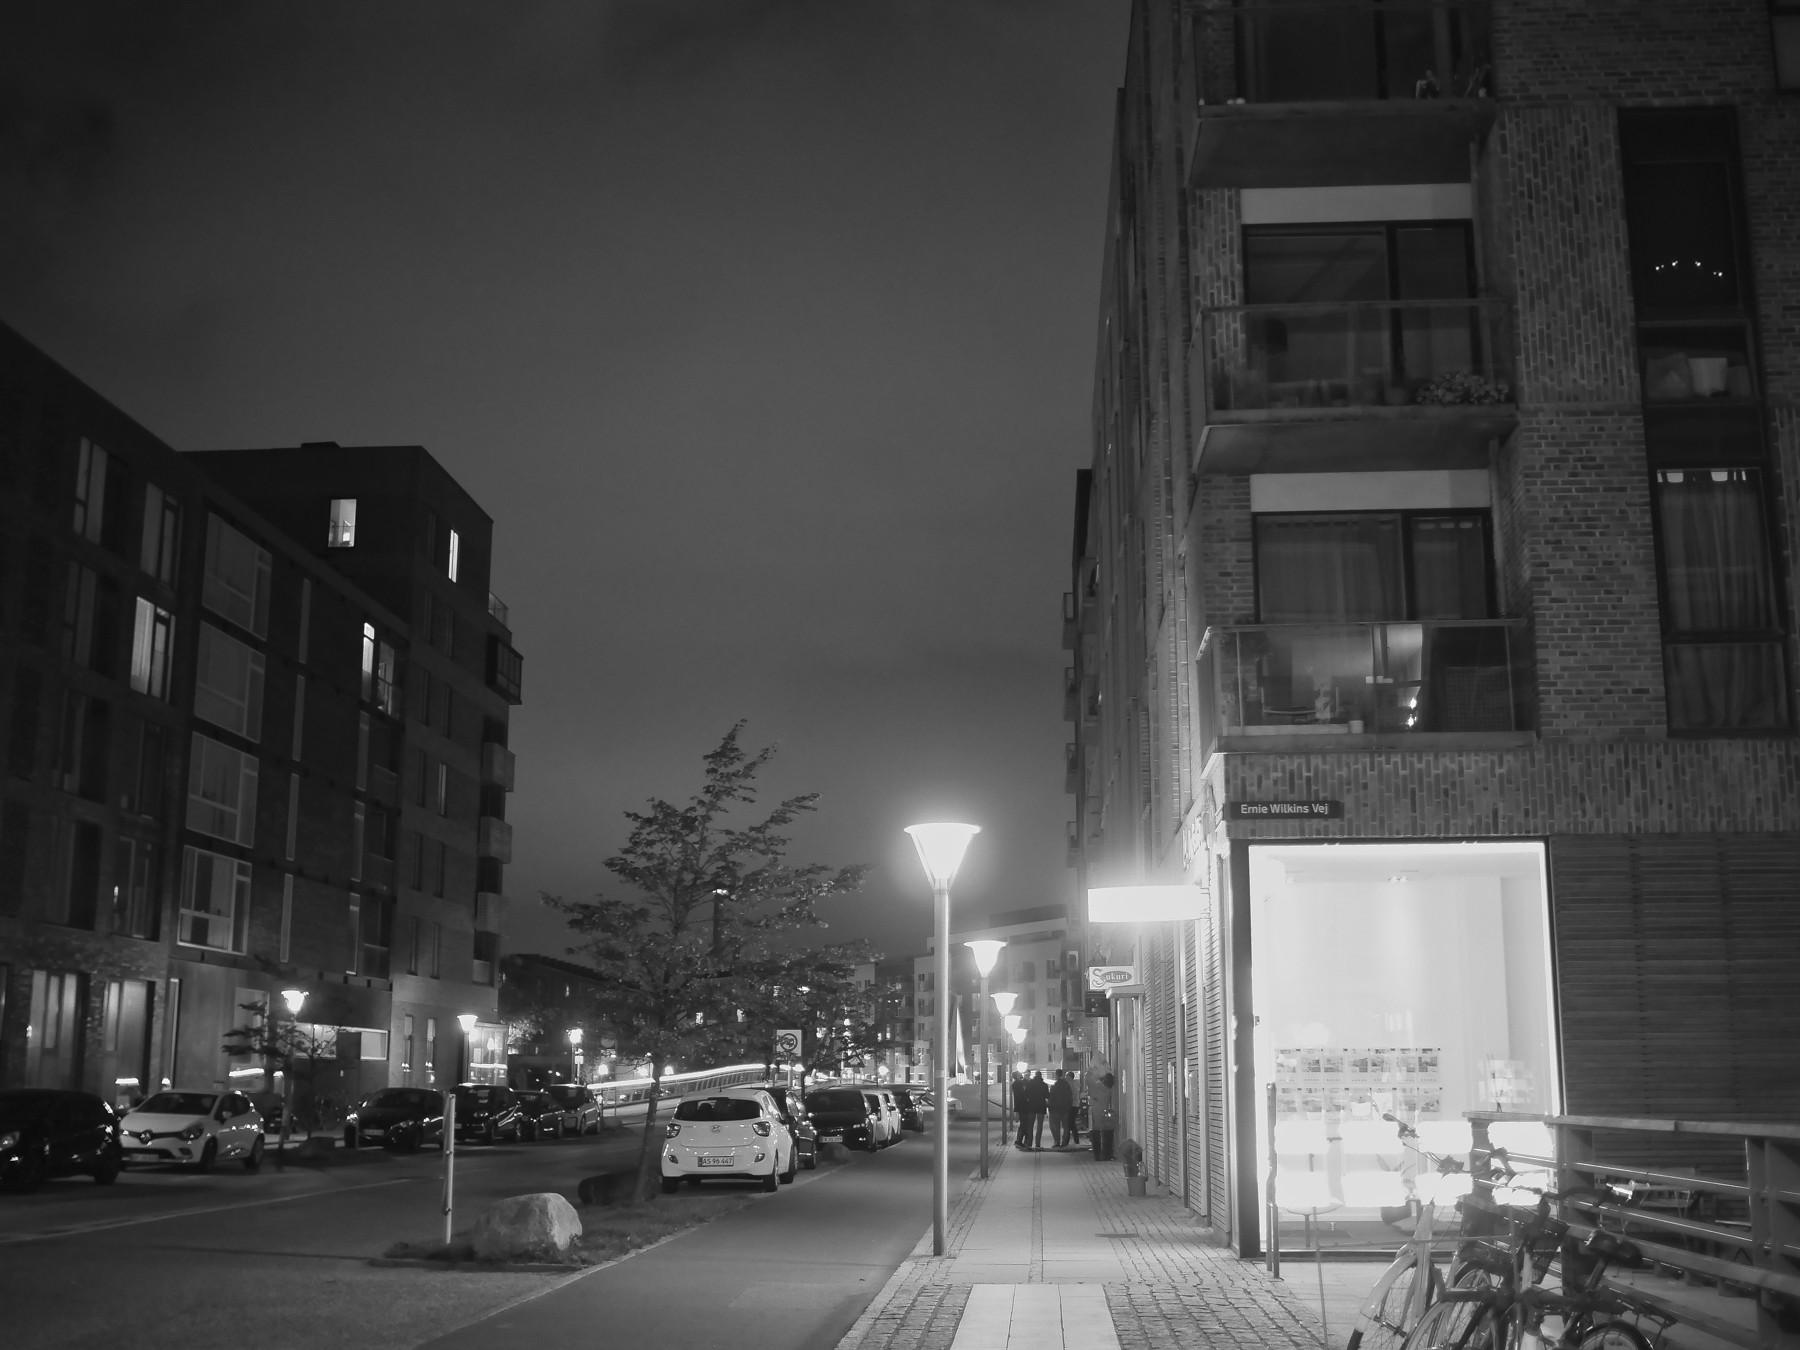 Urban geometry: Sydhavnen i København - Voigtländer 17.5mm til Micro Four Thirds